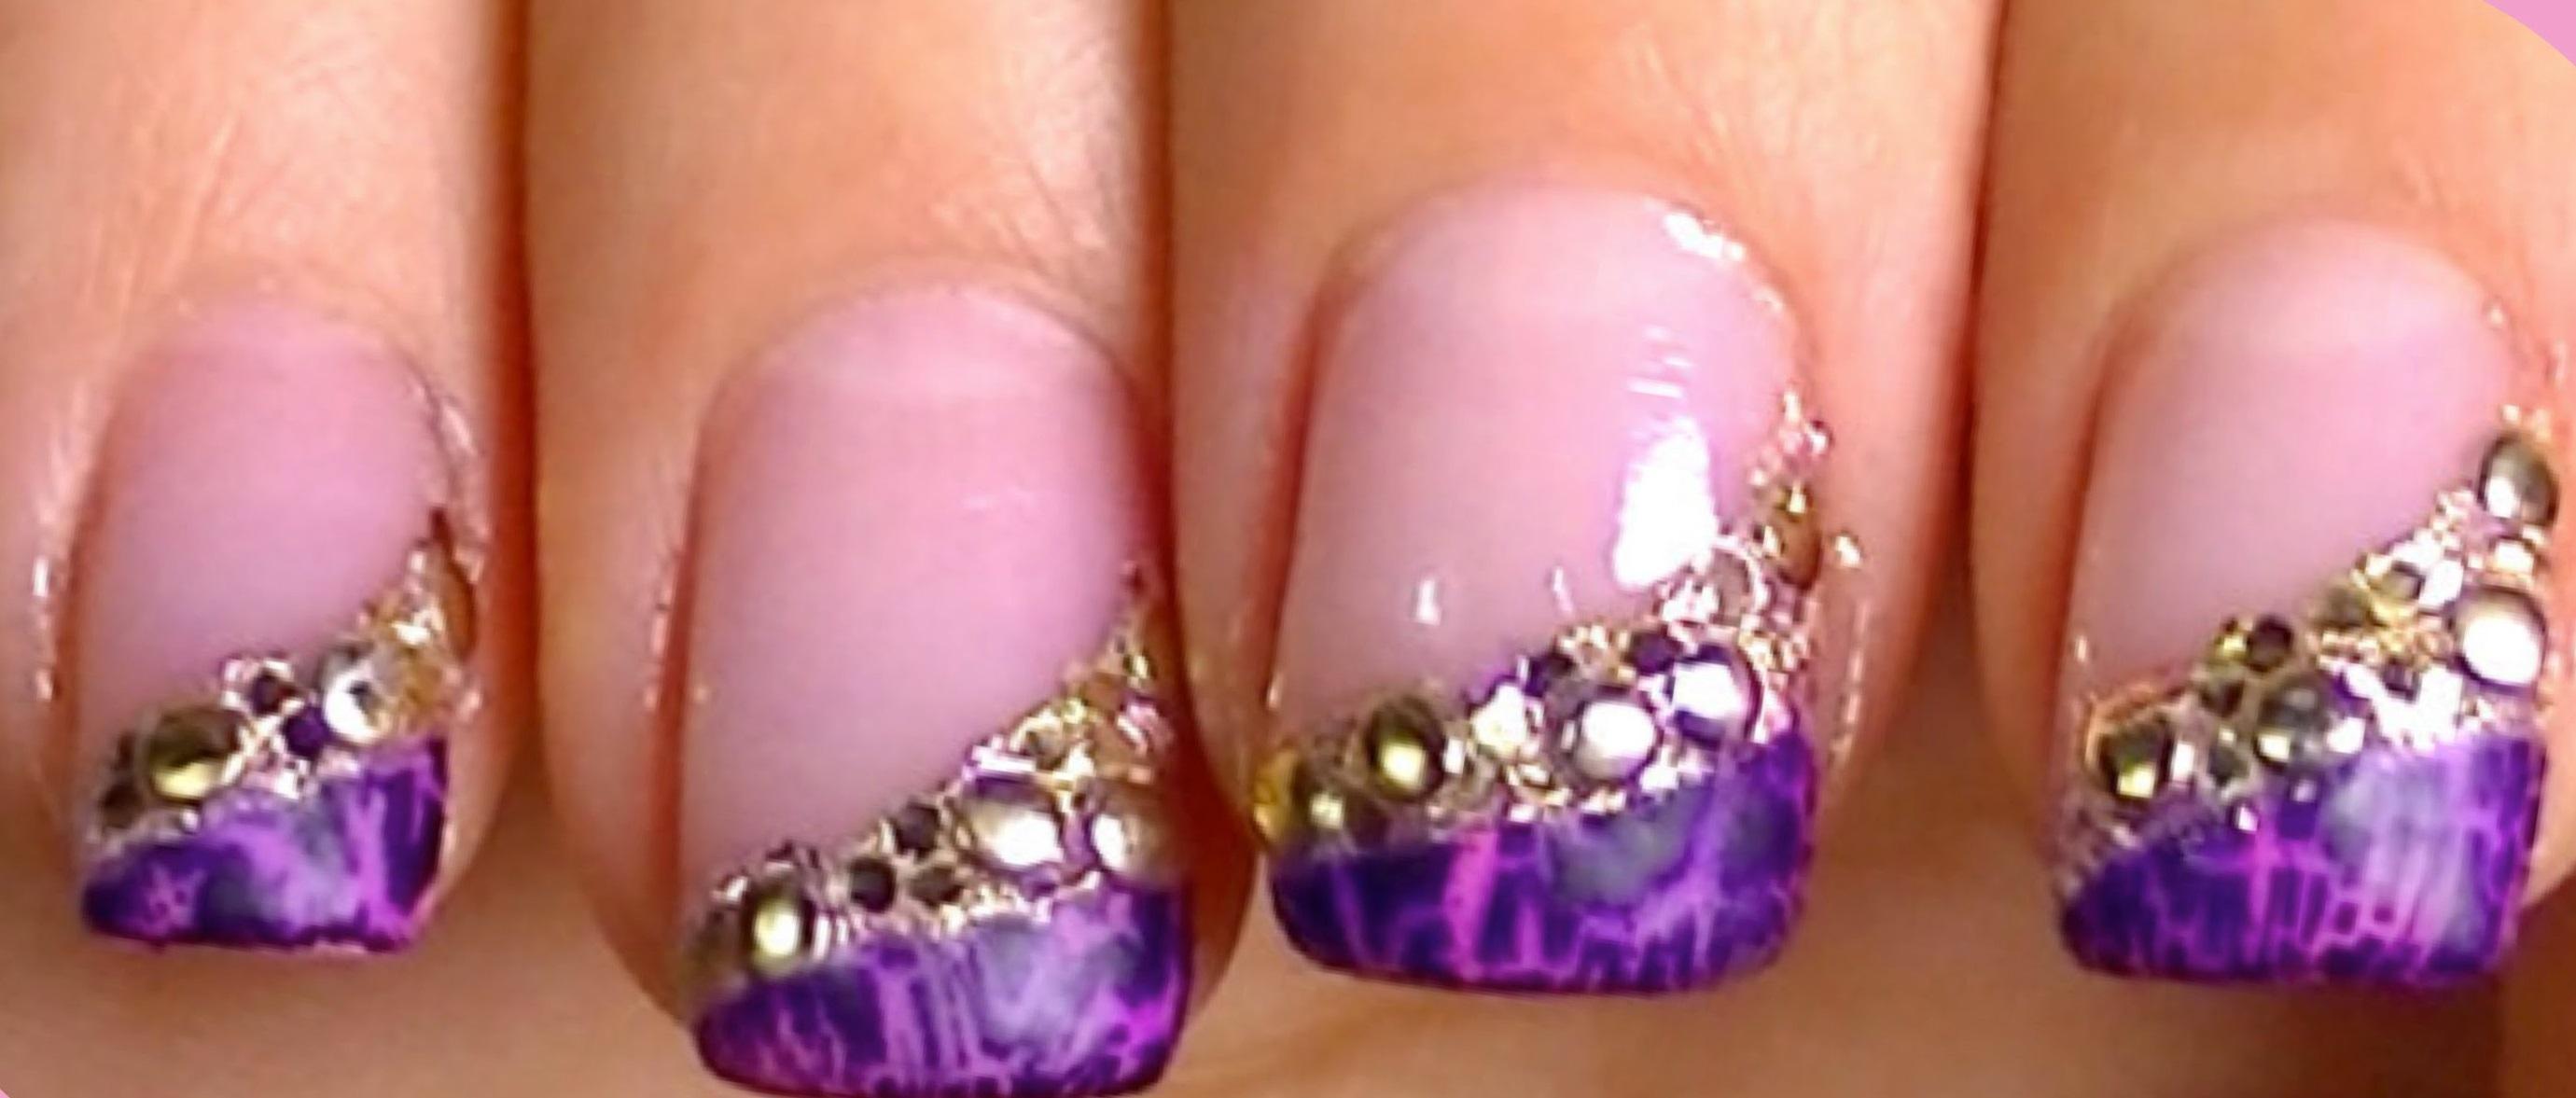 Фиолетовый кракле-френч в маникюре со стразами